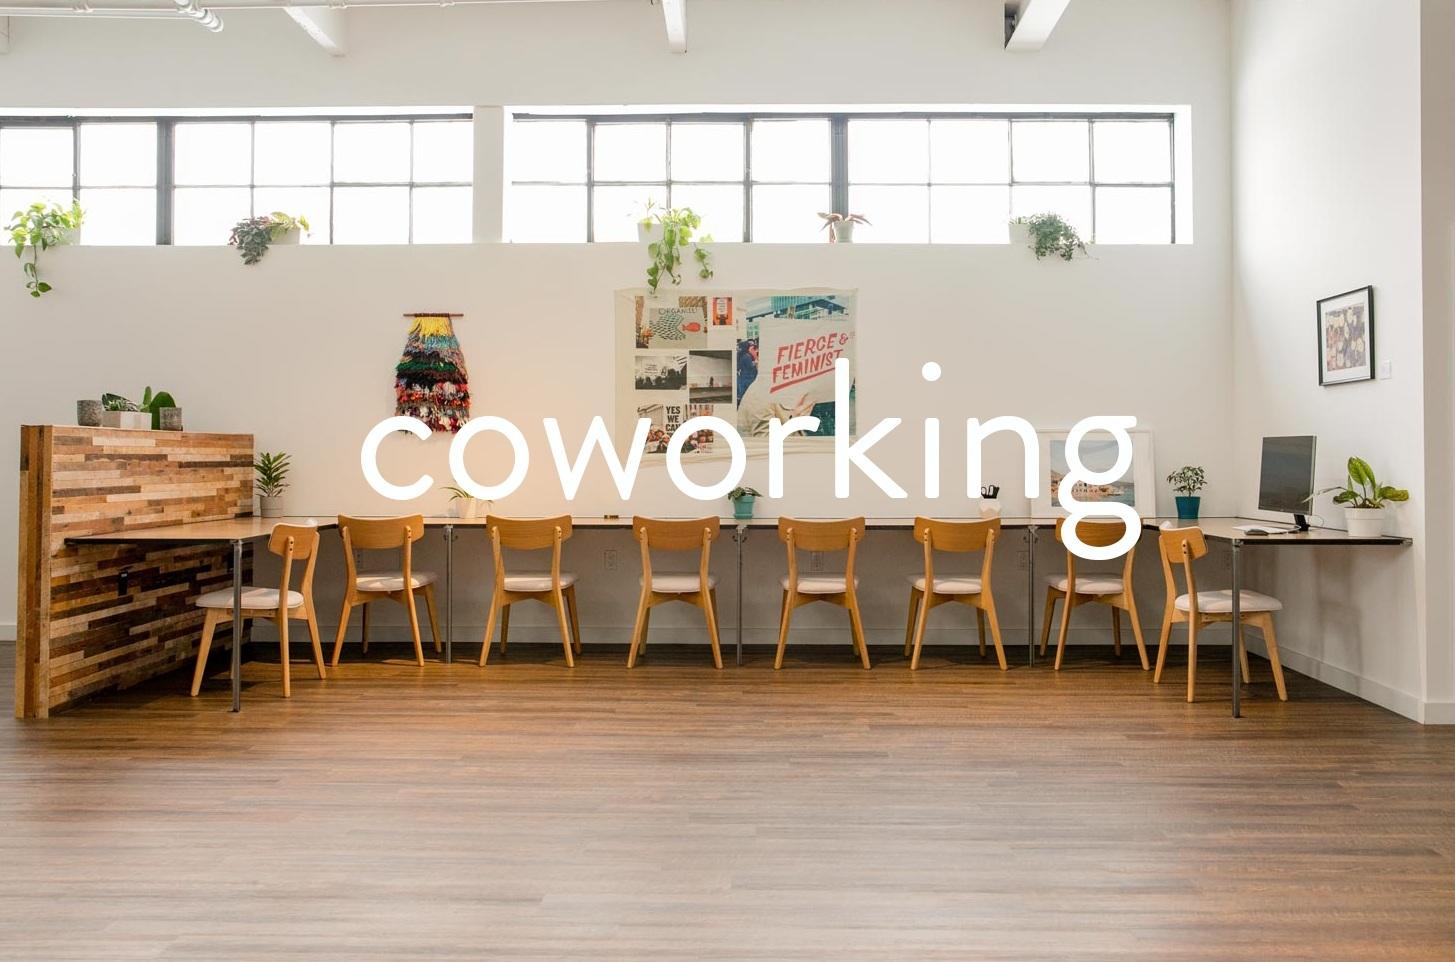 Coworking%2Blettering.jpg